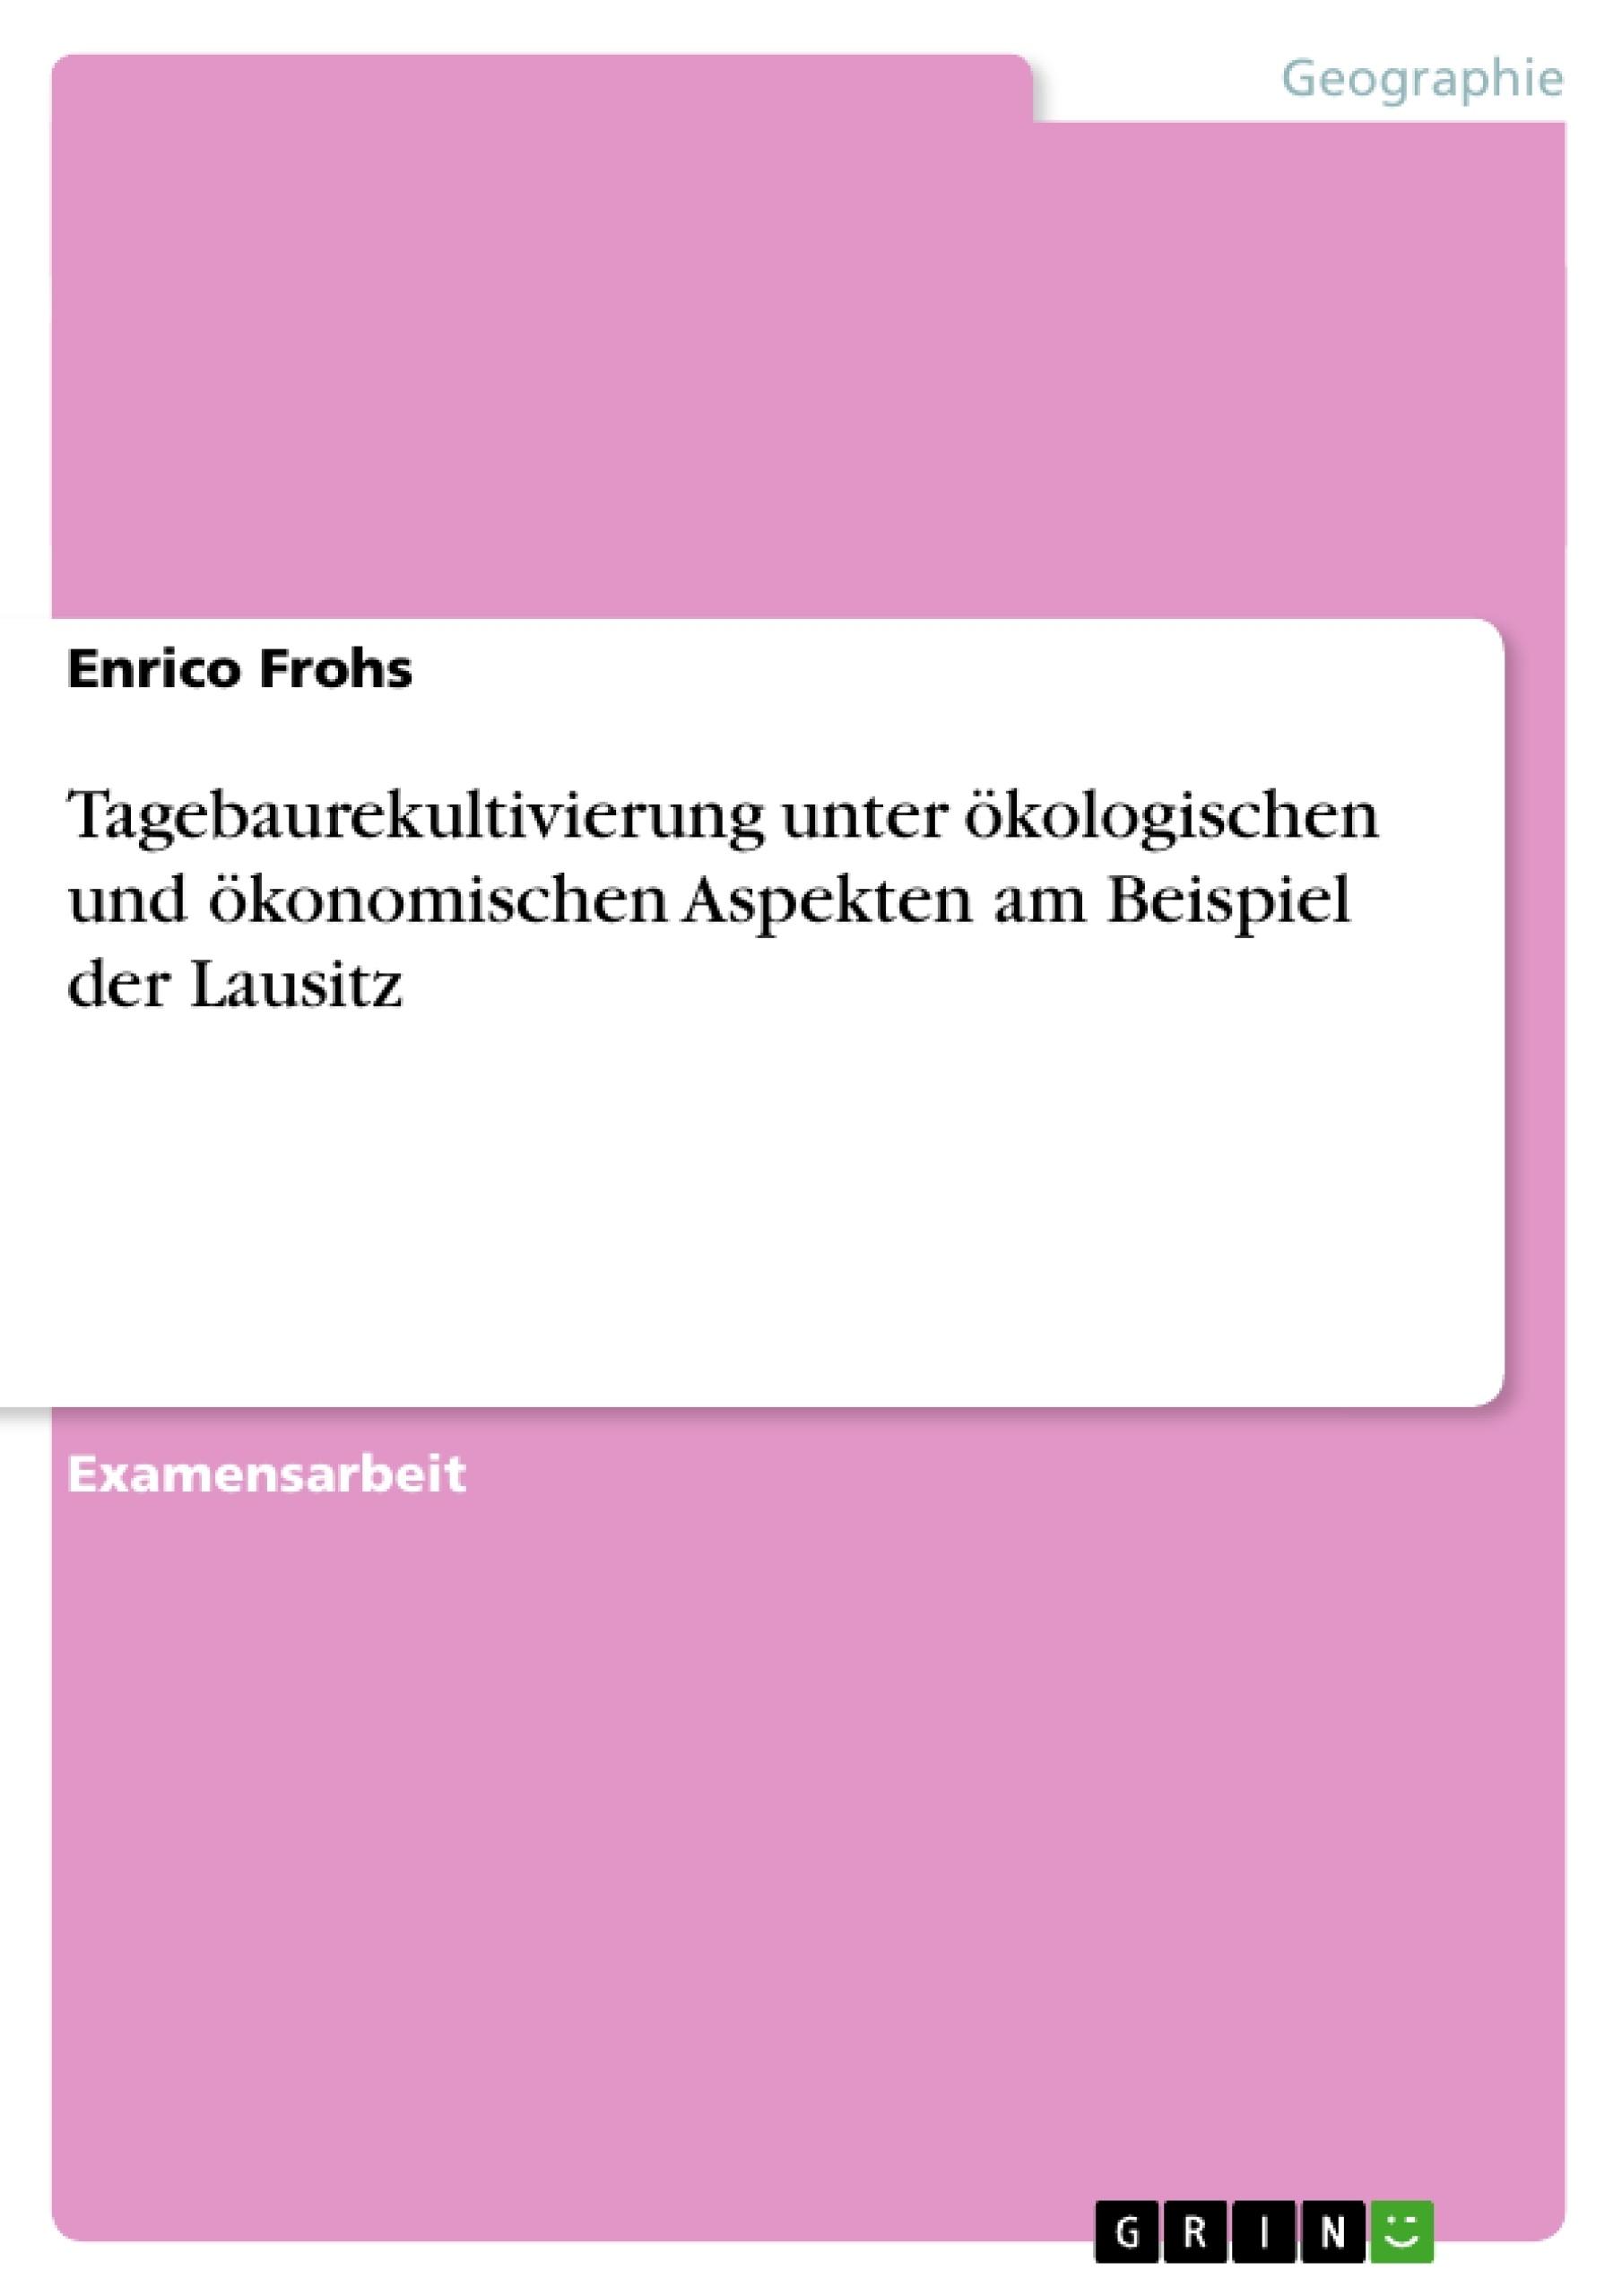 Titel: Tagebaurekultivierung unter ökologischen und ökonomischen Aspekten am  Beispiel der Lausitz